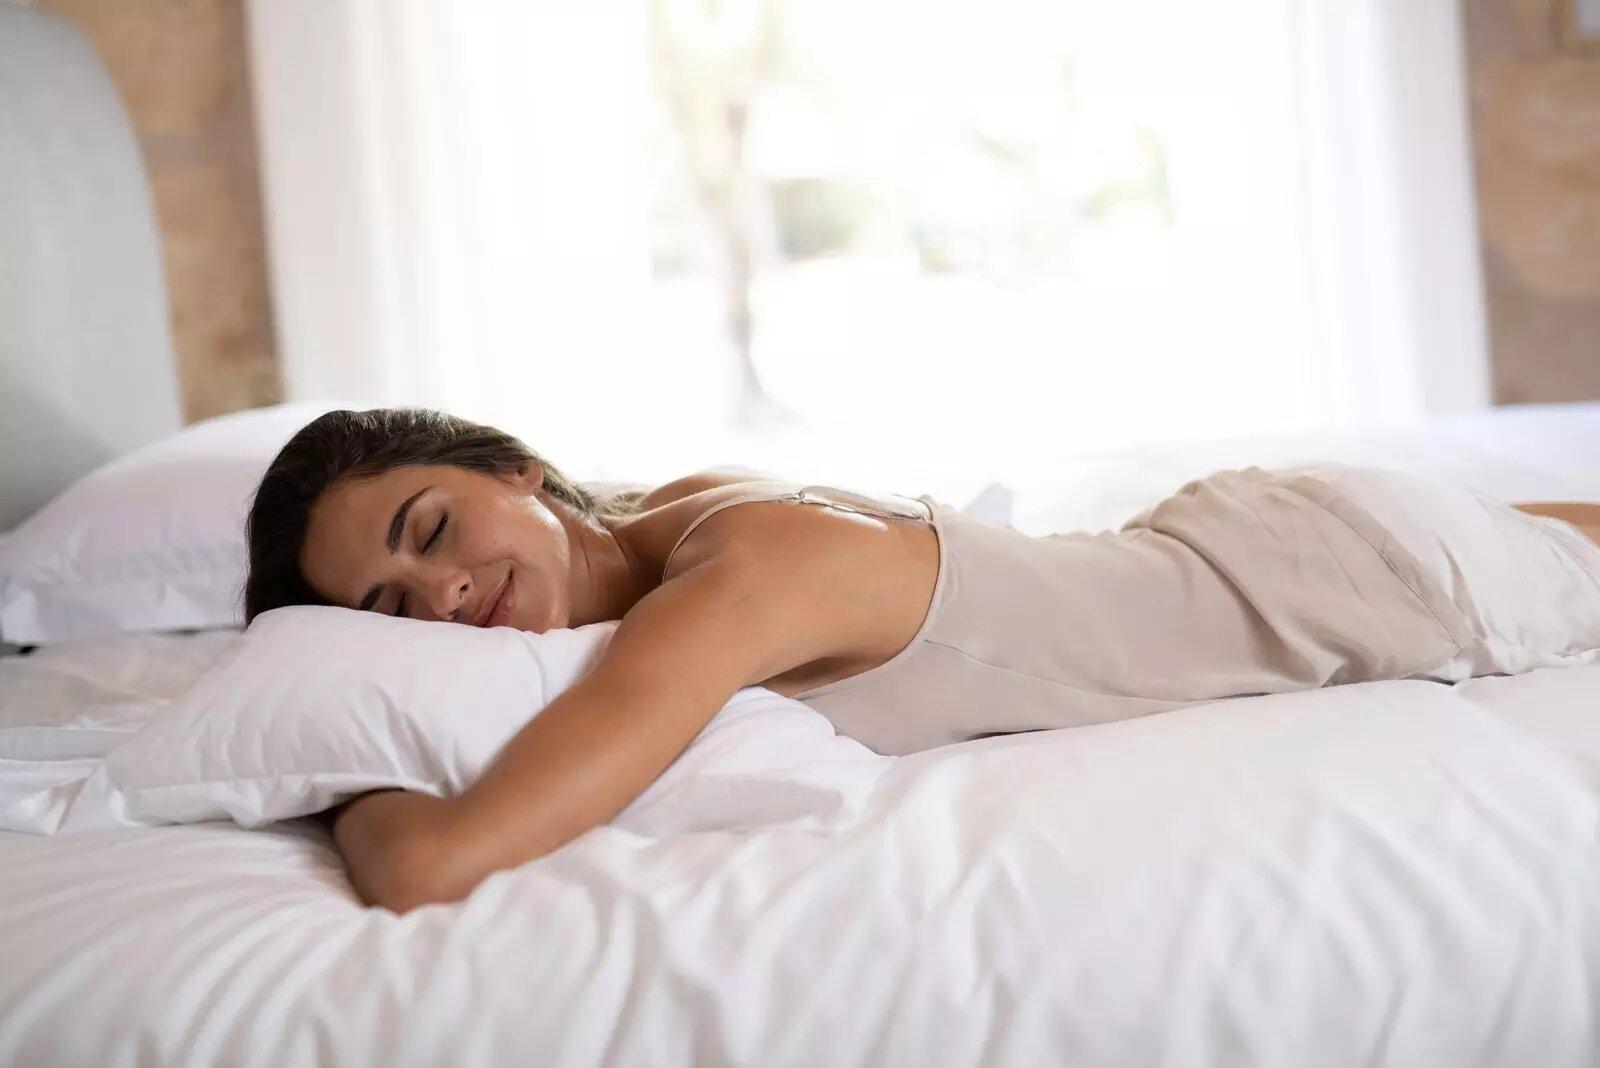 Colchones y almohadas Tempur